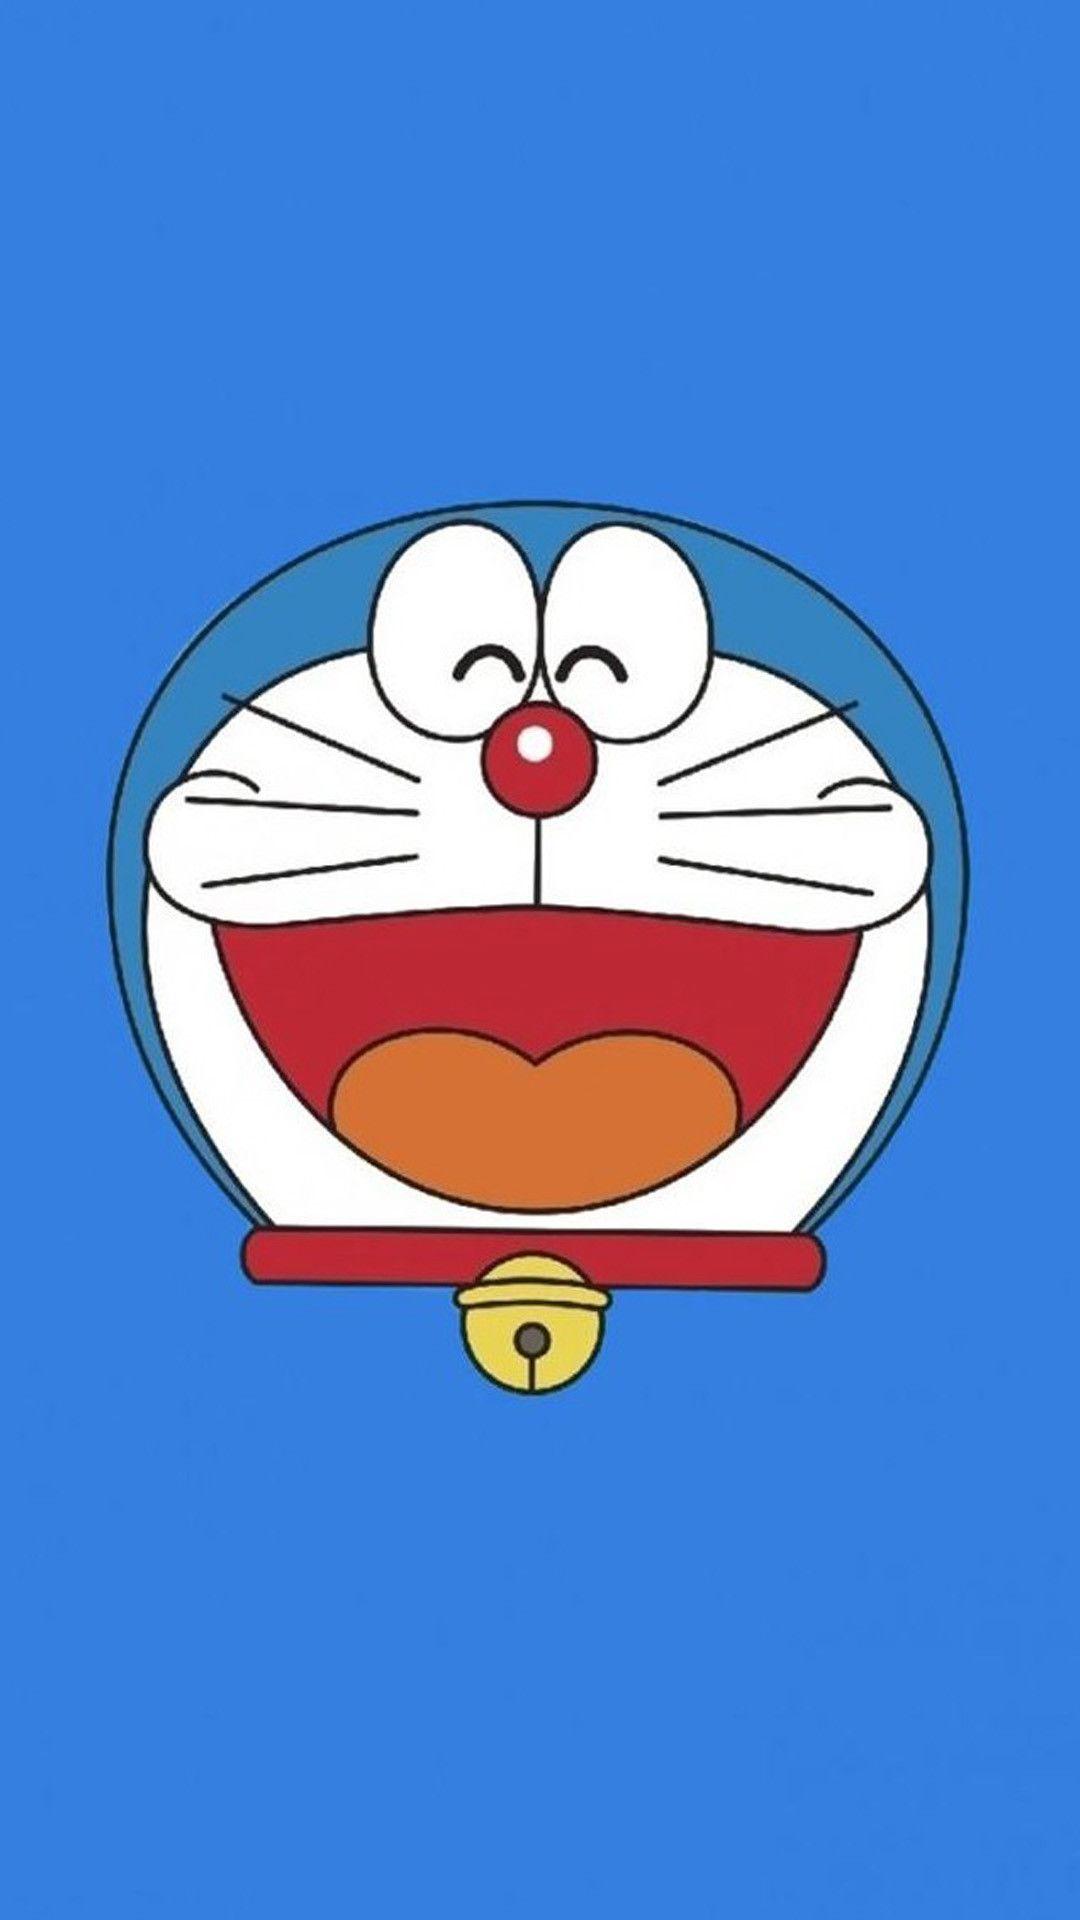 29 Wallpaper Hp Doraemon Rona Wallpaper Doraemon Wallpapers Cartoon Wallpaper Cartoon Wallpaper Hd Doraemon wallpaper wall pictures